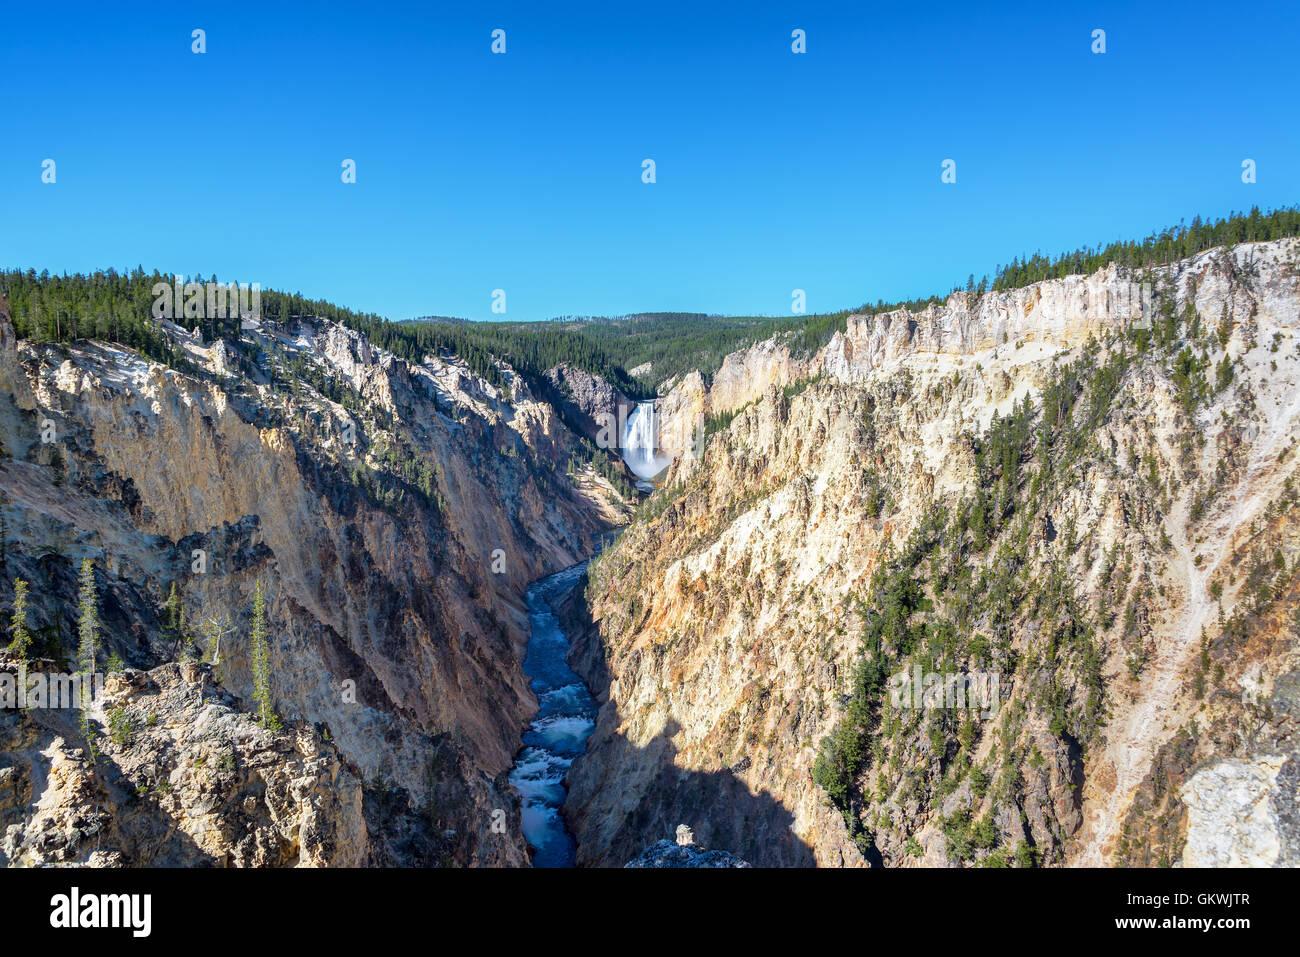 Amplio ángulo de visión inferior de Yellowstone entra en el Parque Nacional de Yellowstone Imagen De Stock